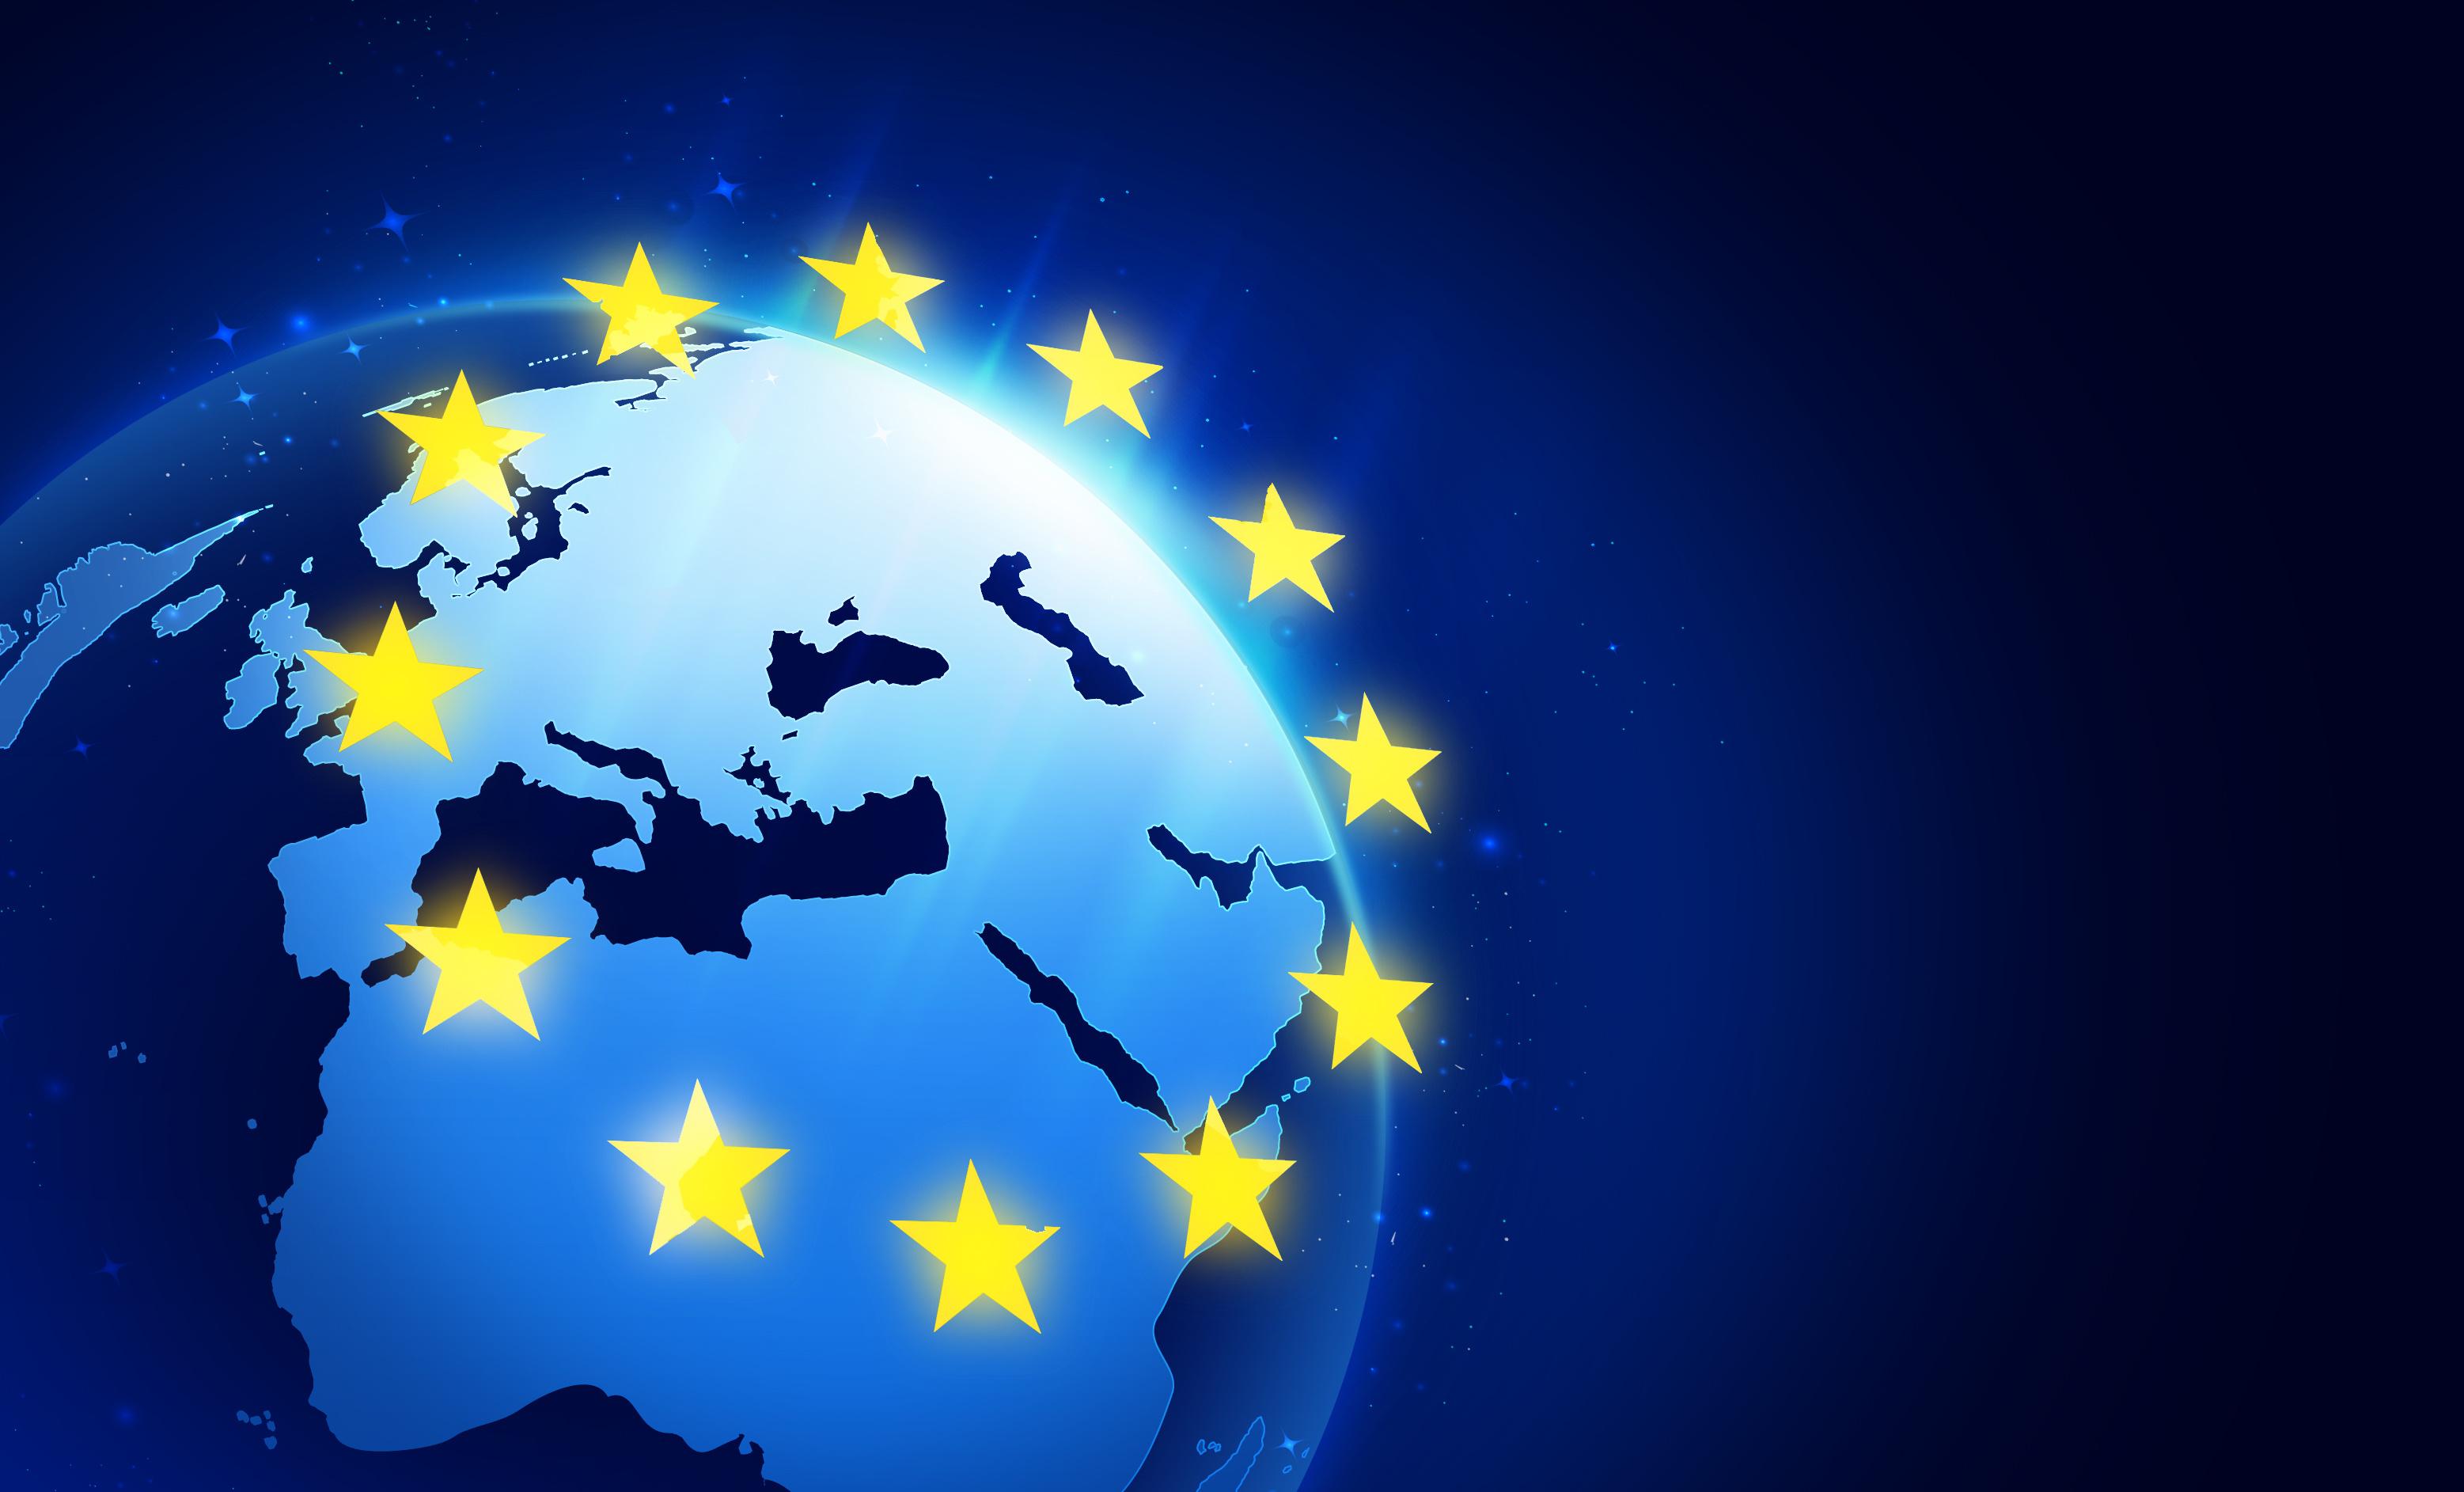 Elezioni europee libere ed eque: prima riunione della rete di cooperazione europea sulle elezioni